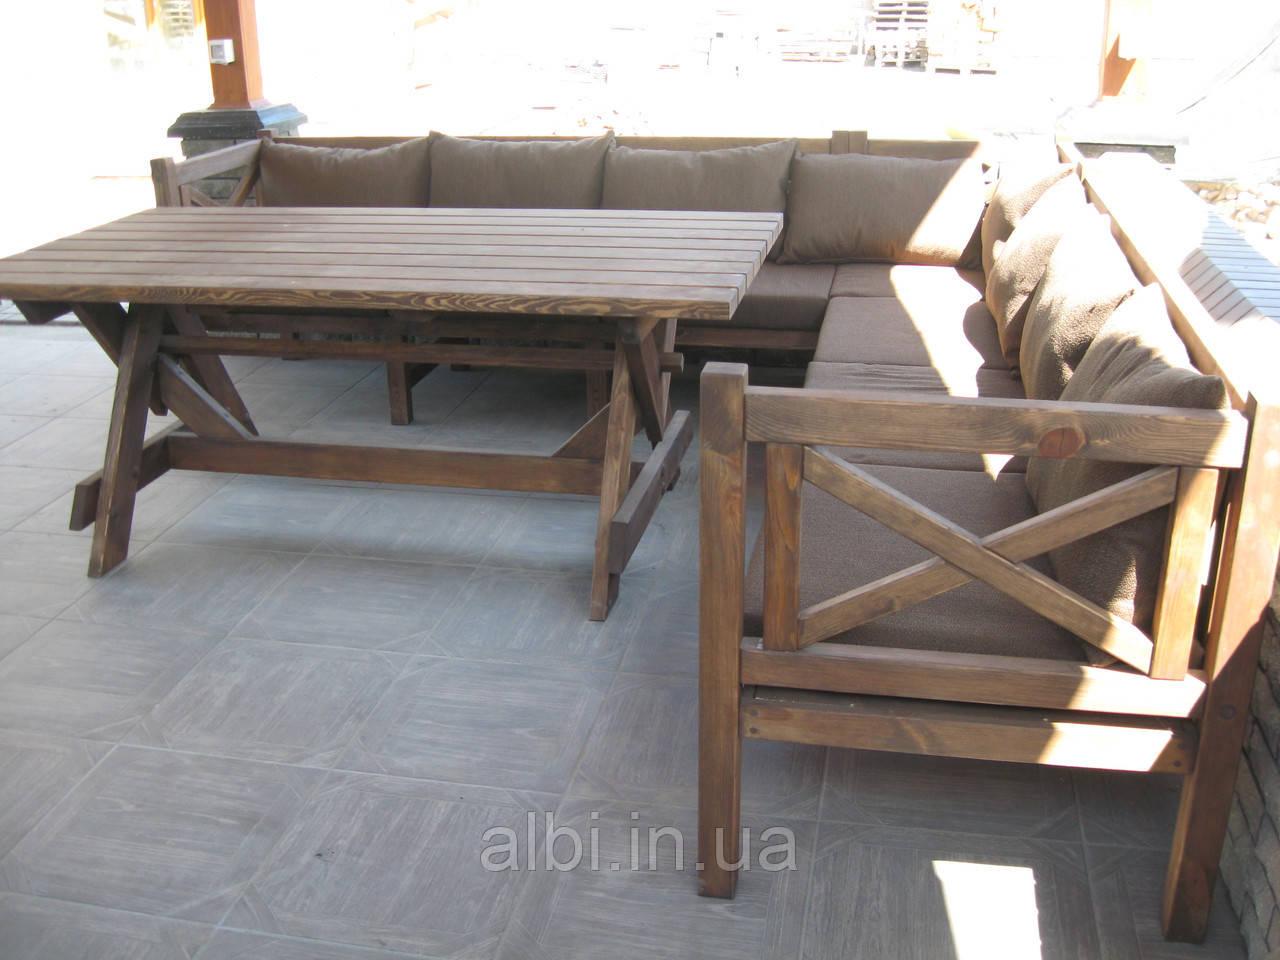 Стол Эмине 2м, деревянная мебель для дачи Эмине